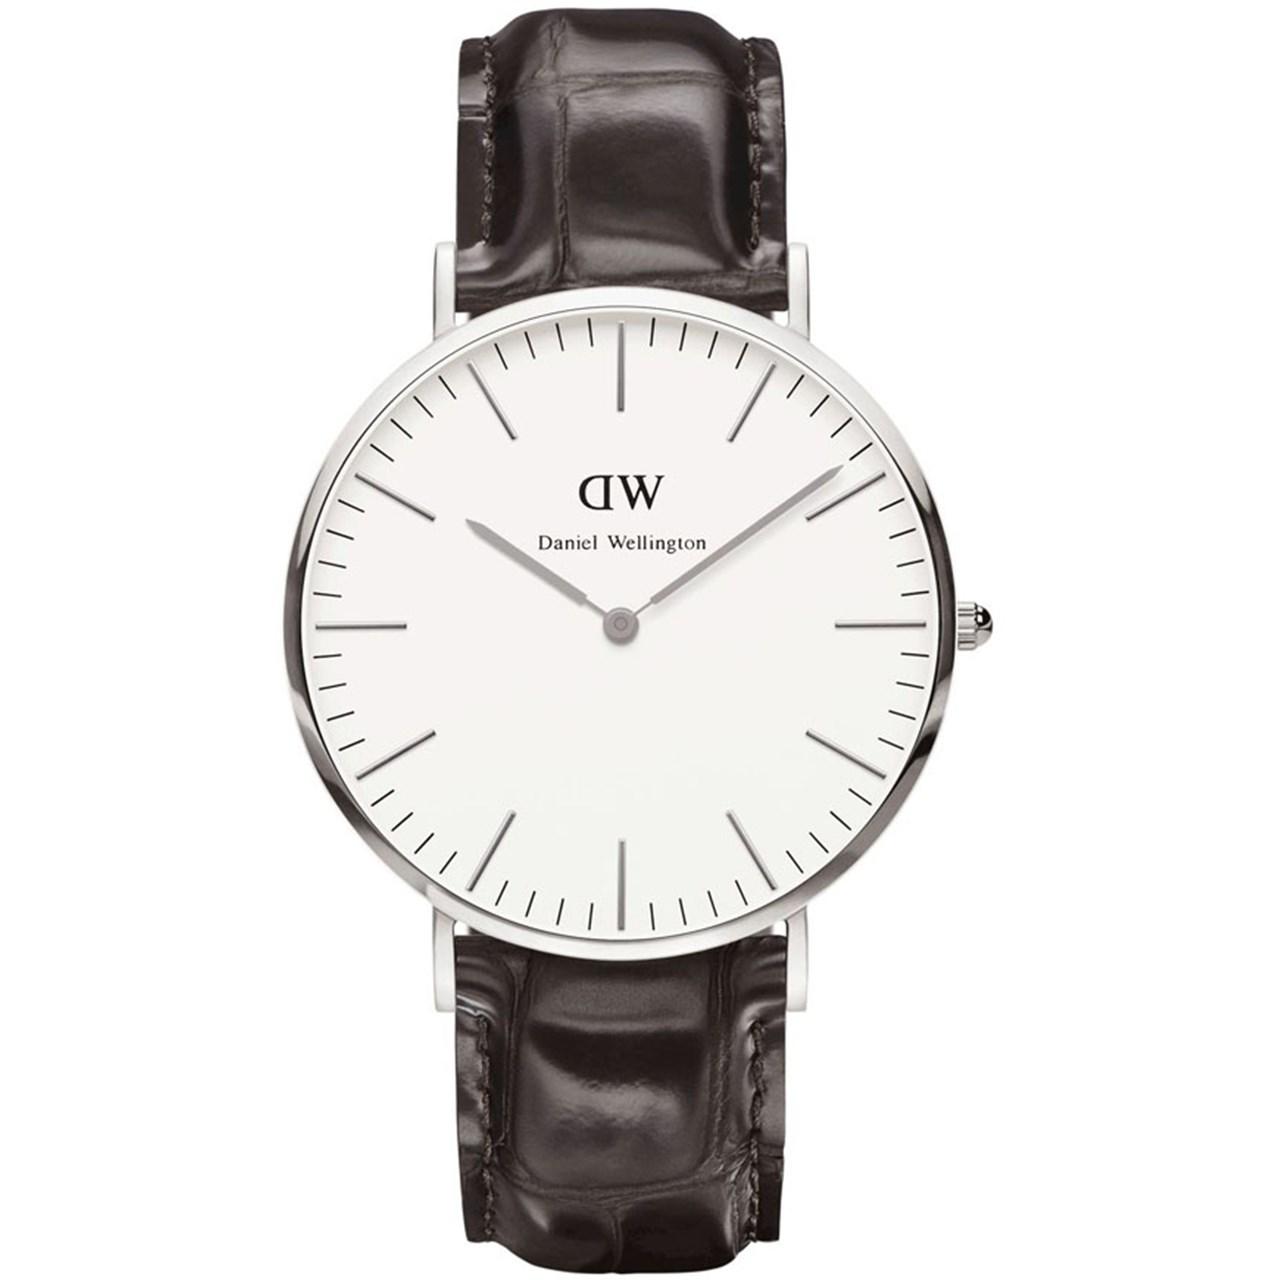 ساعت مچی عقربه ای مردانه دنیل ولینگتون مدل DW00100025 53